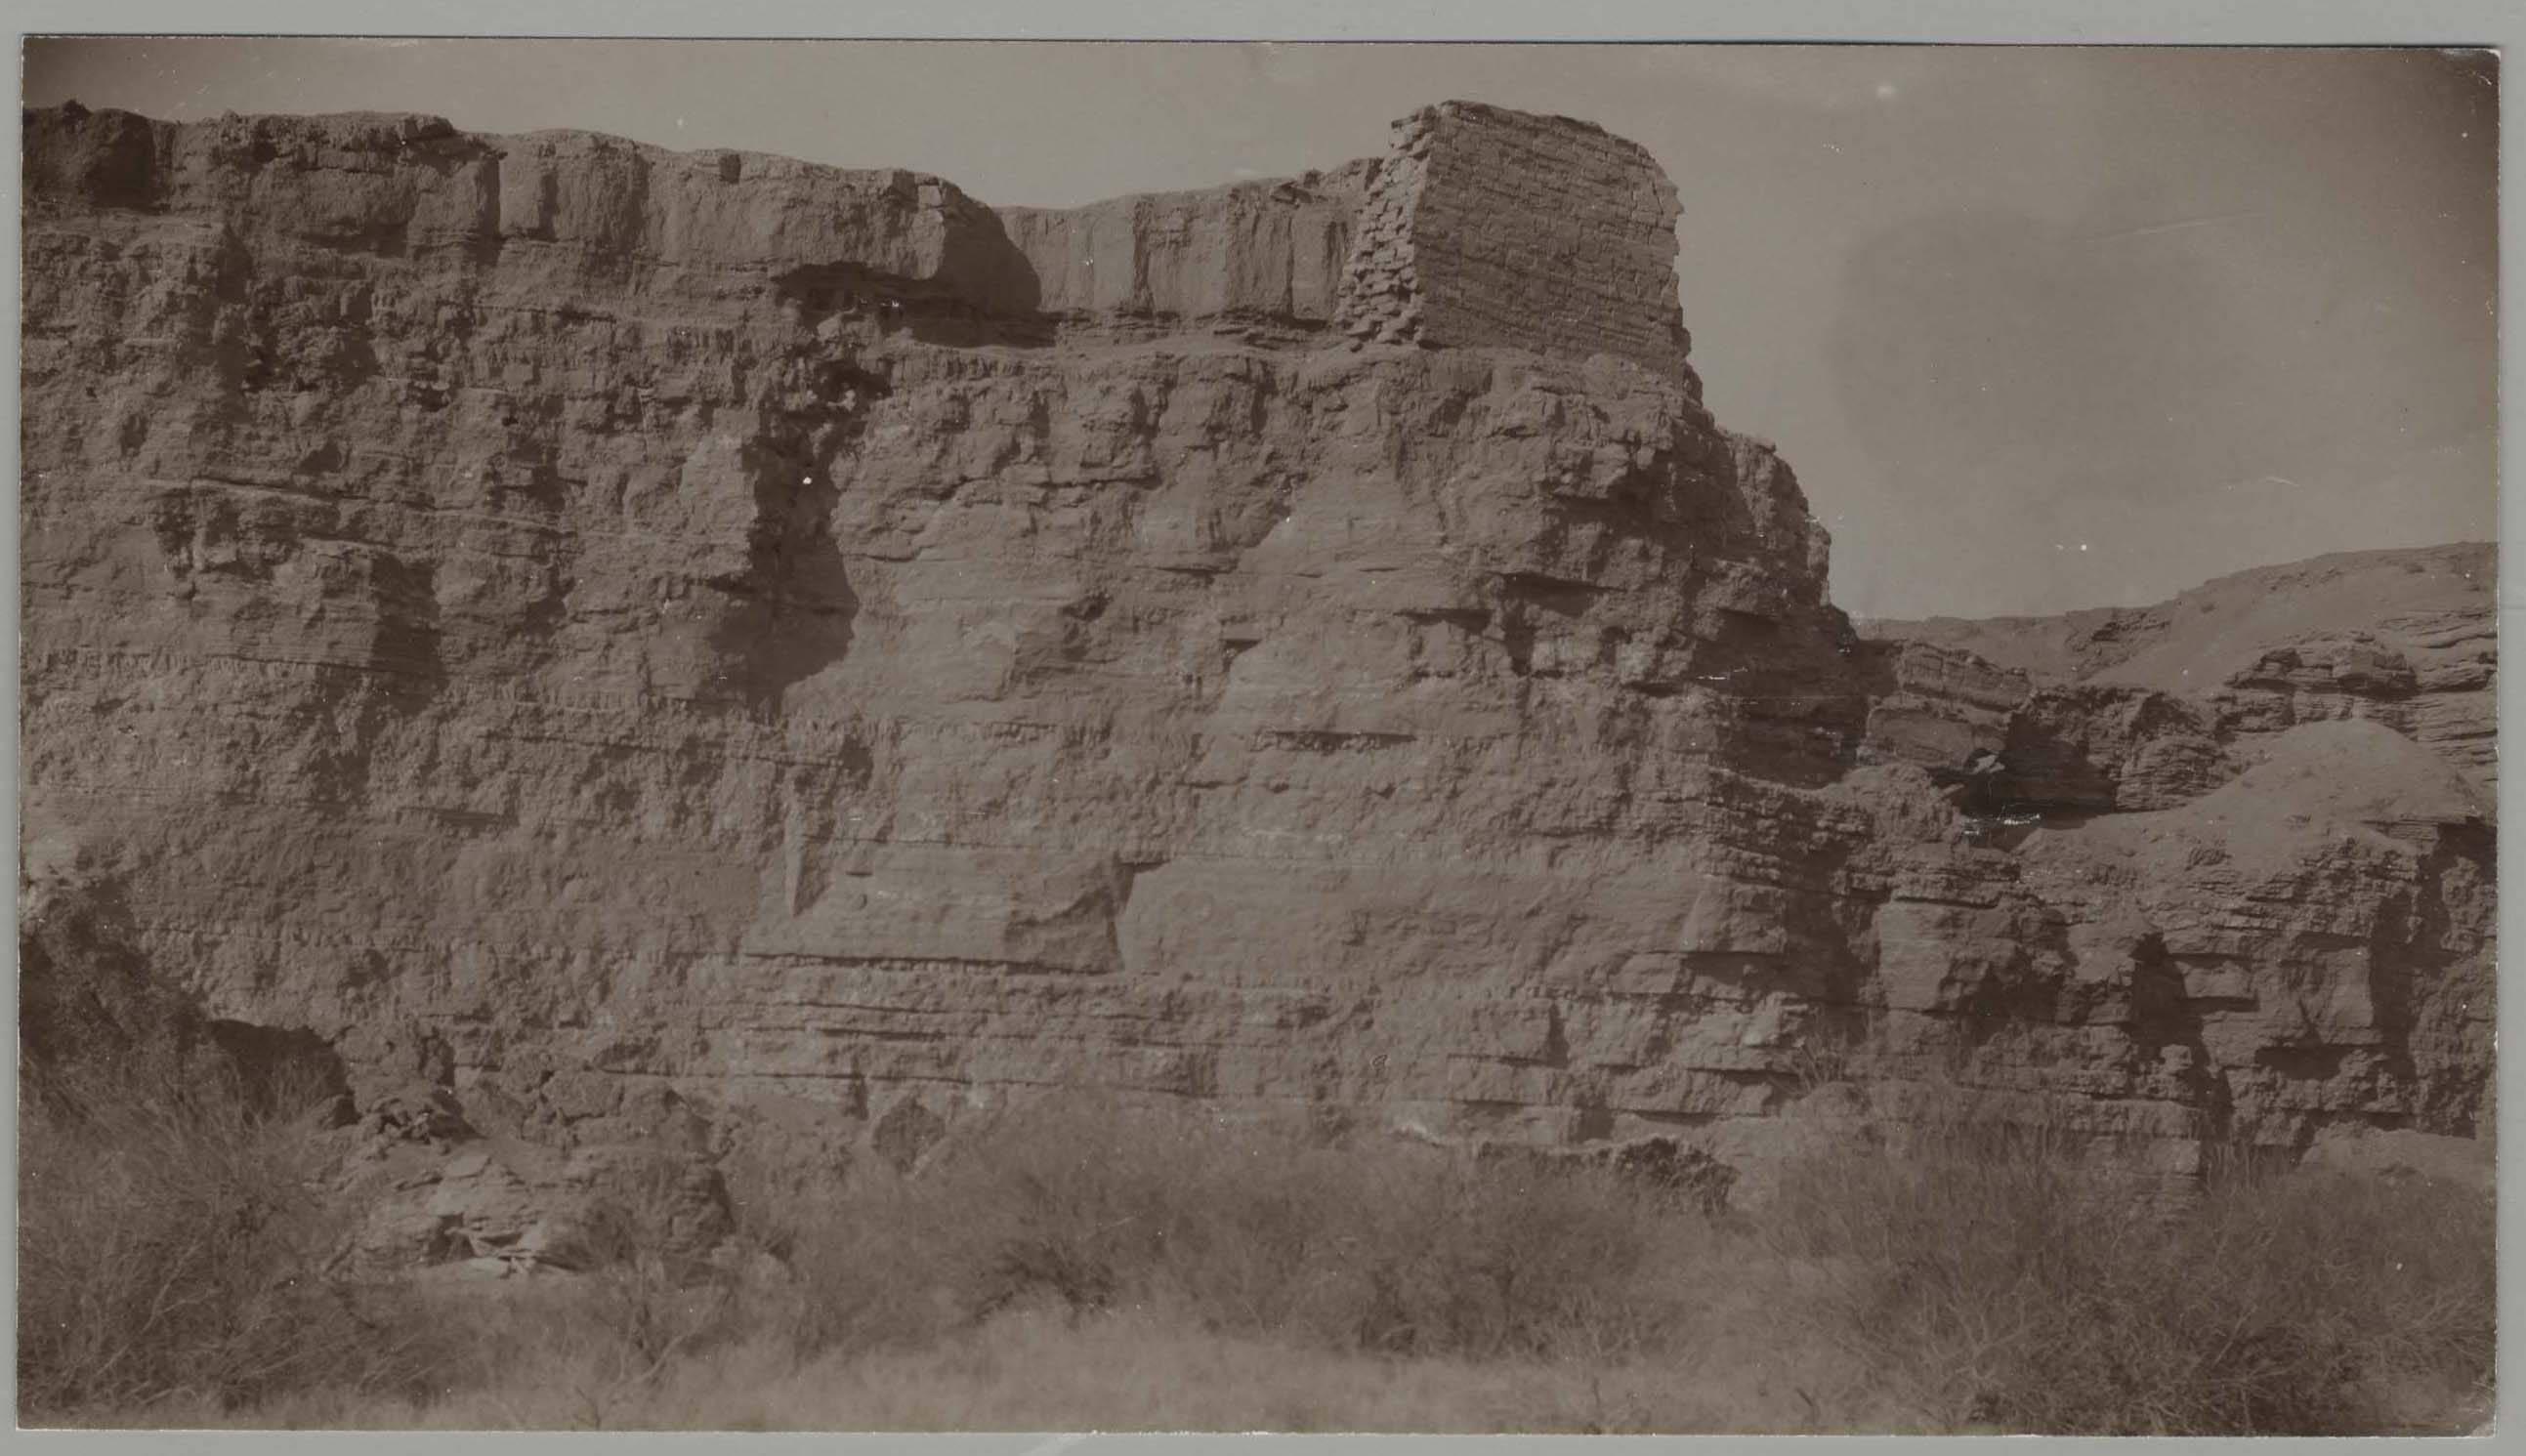 Дура-Европос. Вид на крепость из поймы Евфрата